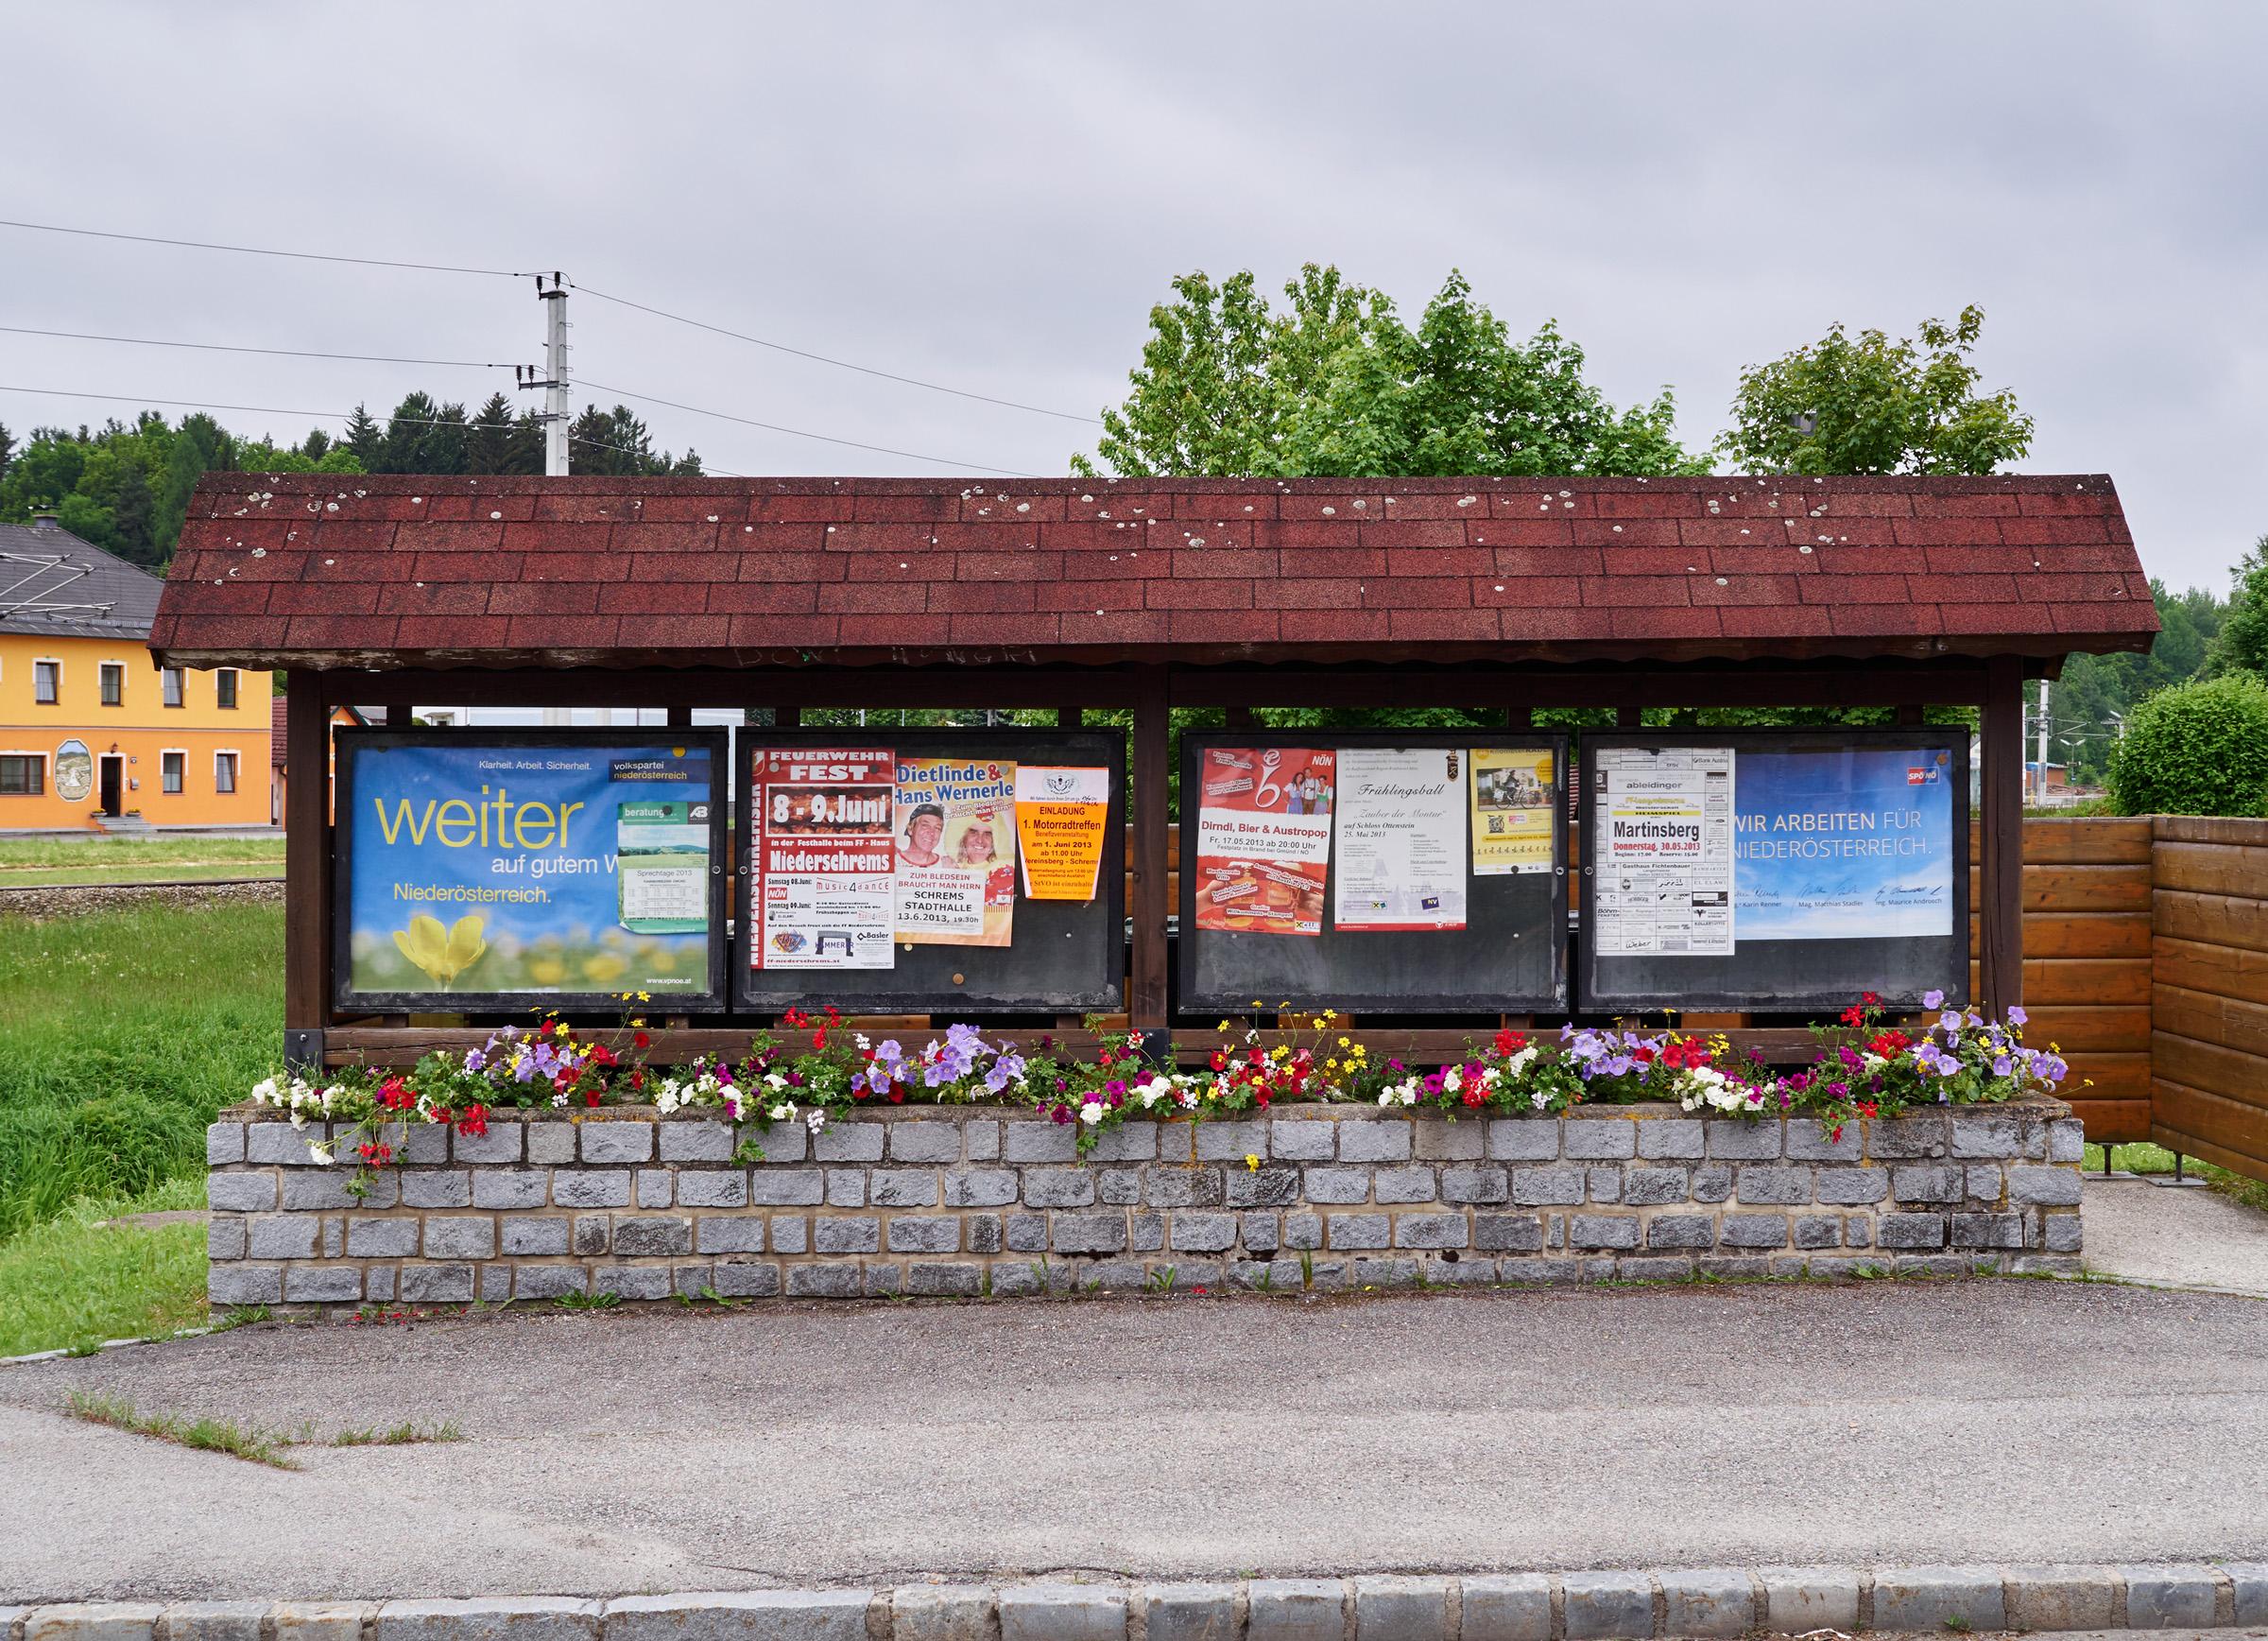 Pürbach nah 2013-05-30.jpg